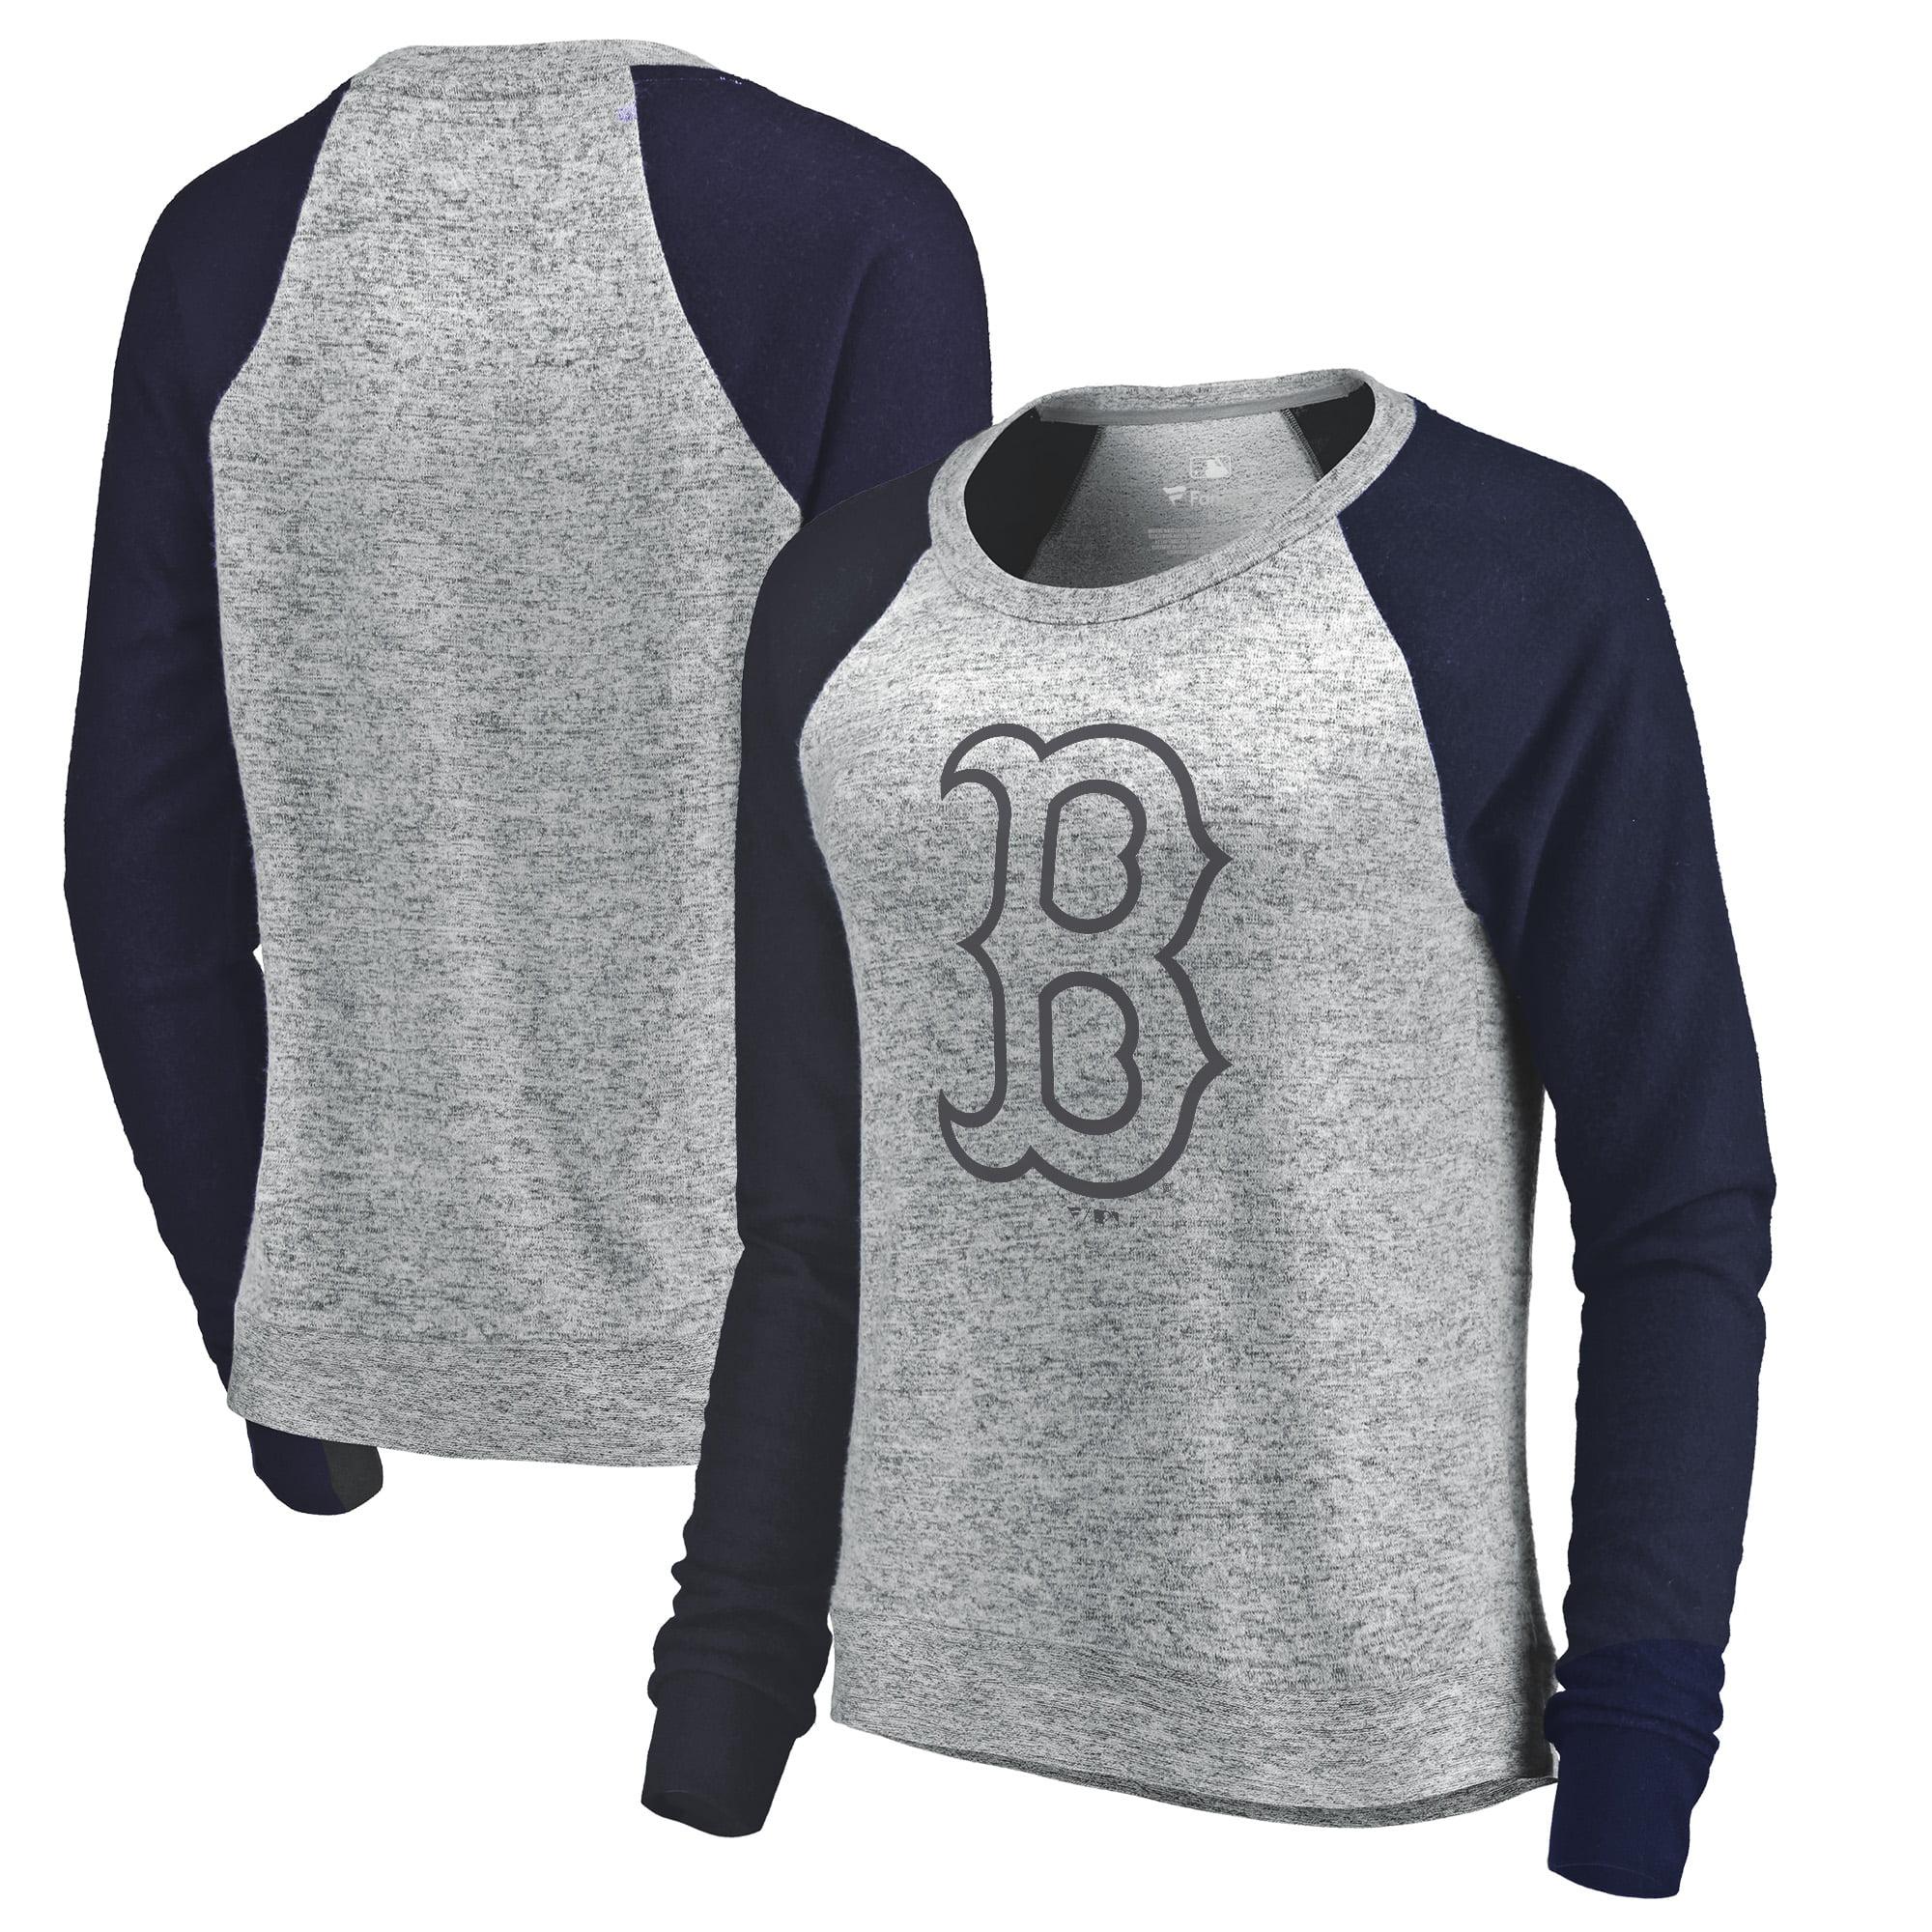 Boston Red Sox Let Loose by RNL Women's Cozy Collection Plush Raglan Tri-Blend Sweatshirt - Ash